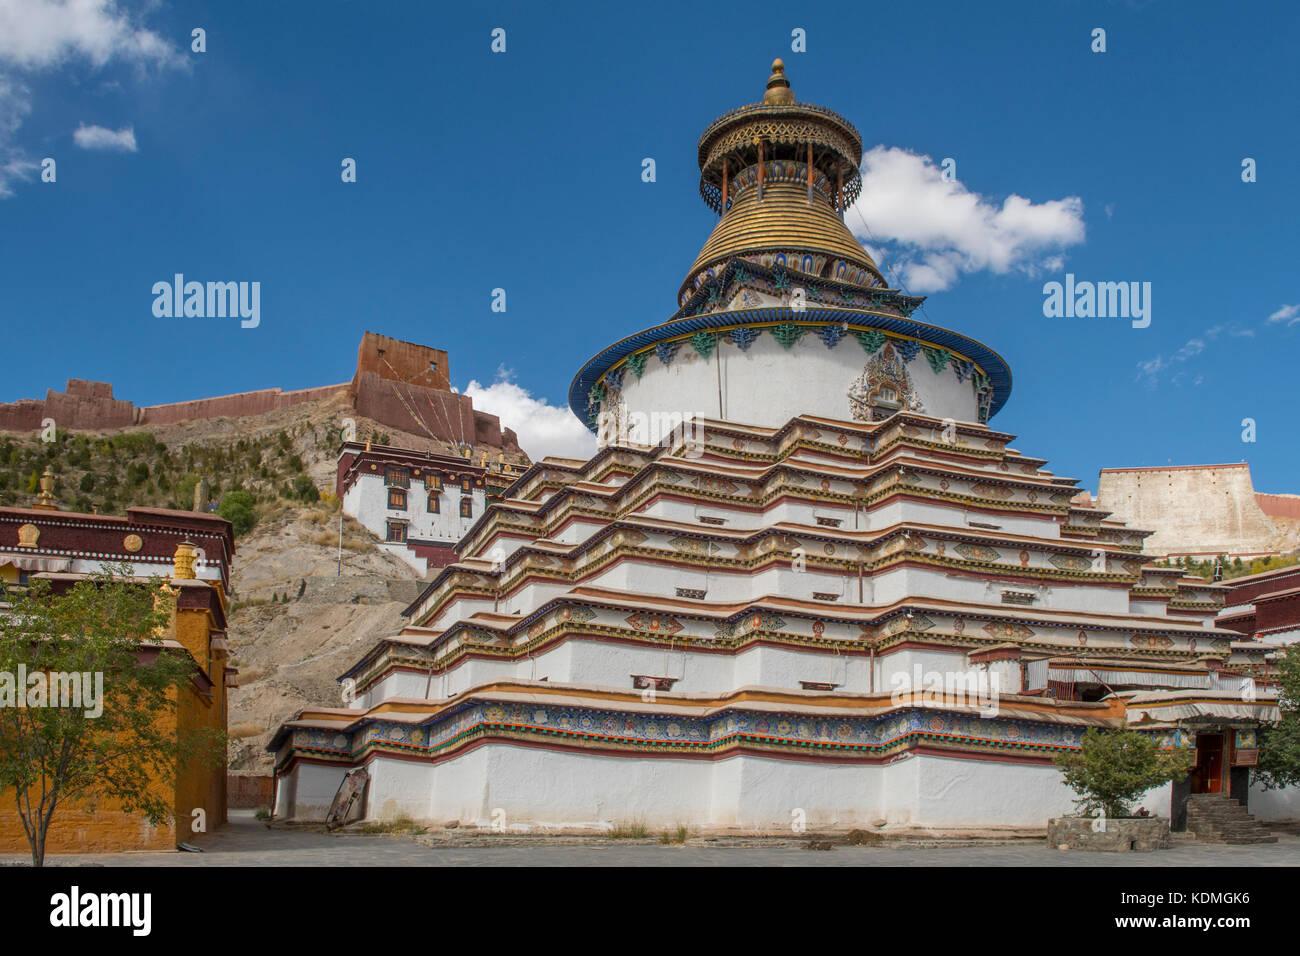 Kumbum Stupa at Palcho Monastery, Gyantse, Tibet, China - Stock Image